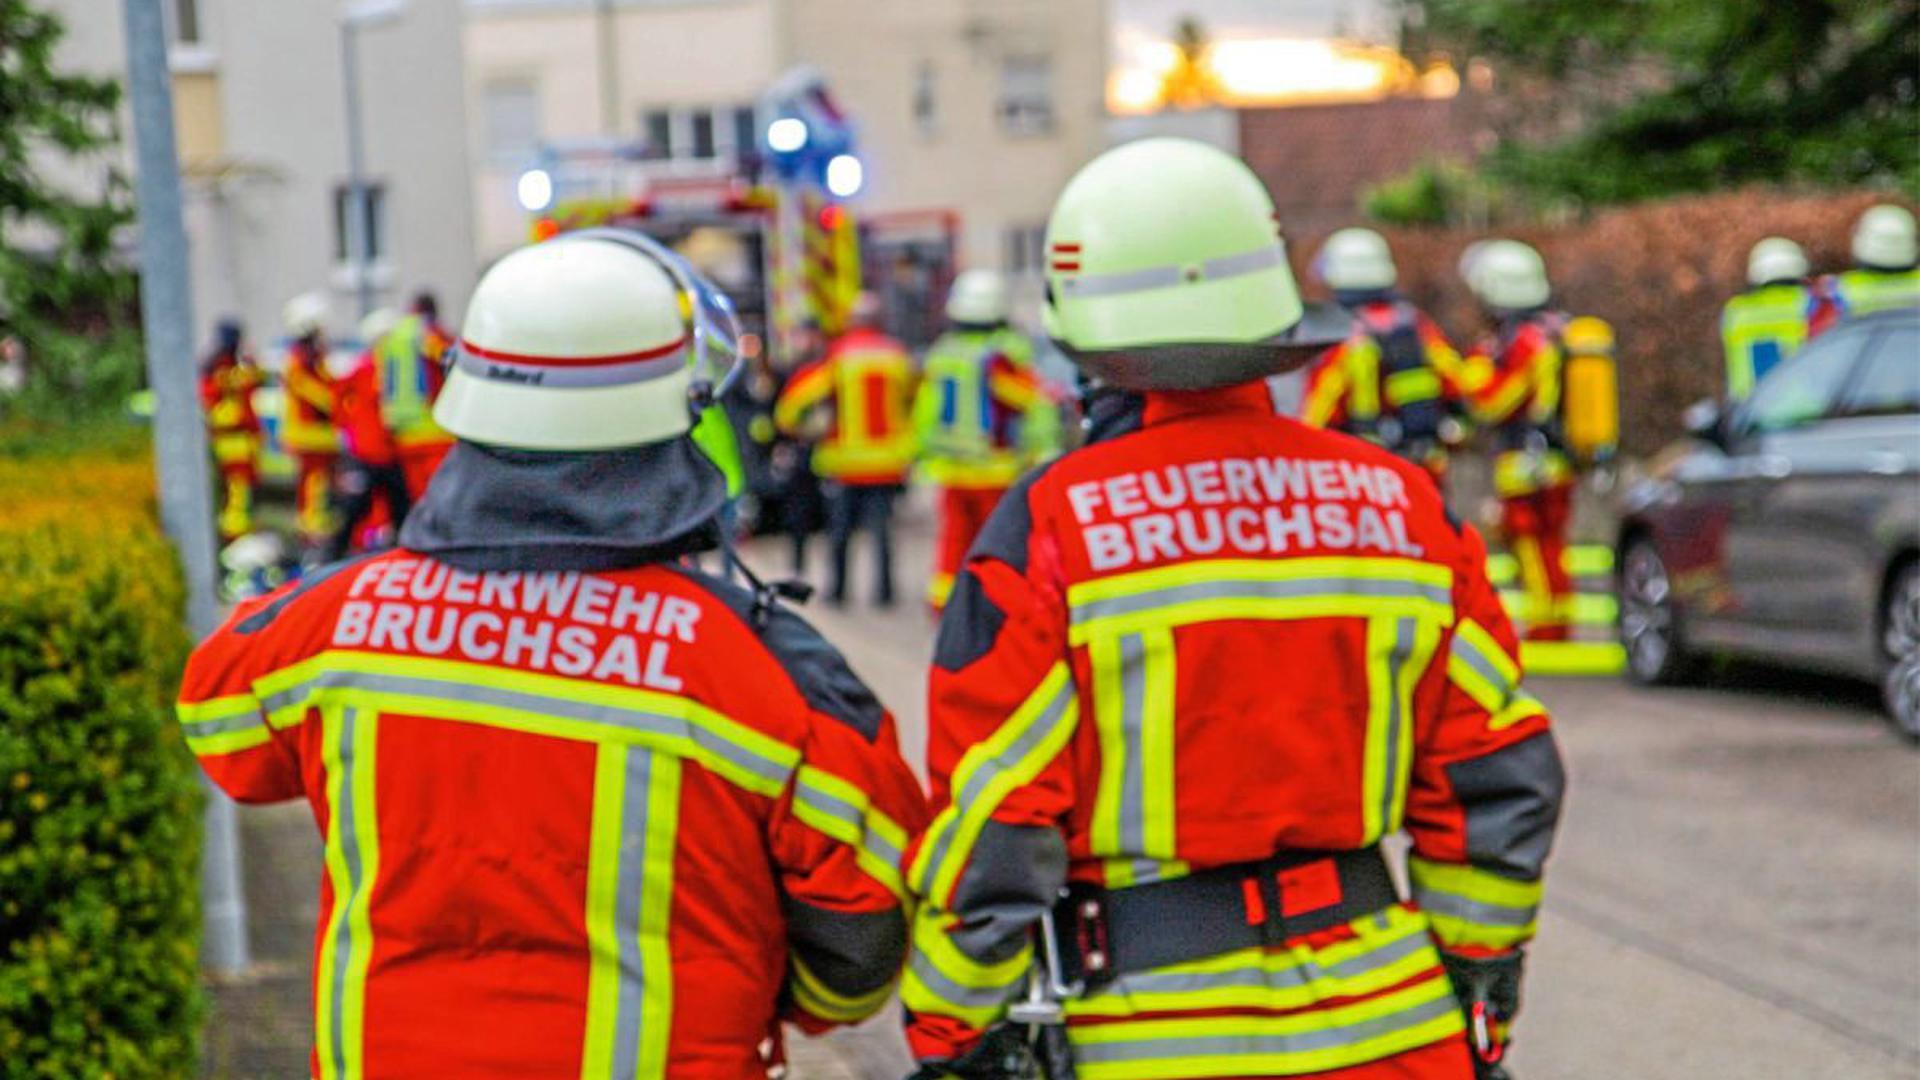 Nach einer Explosion hat es in einem Wintergarten in Bruchsal gebrannt.